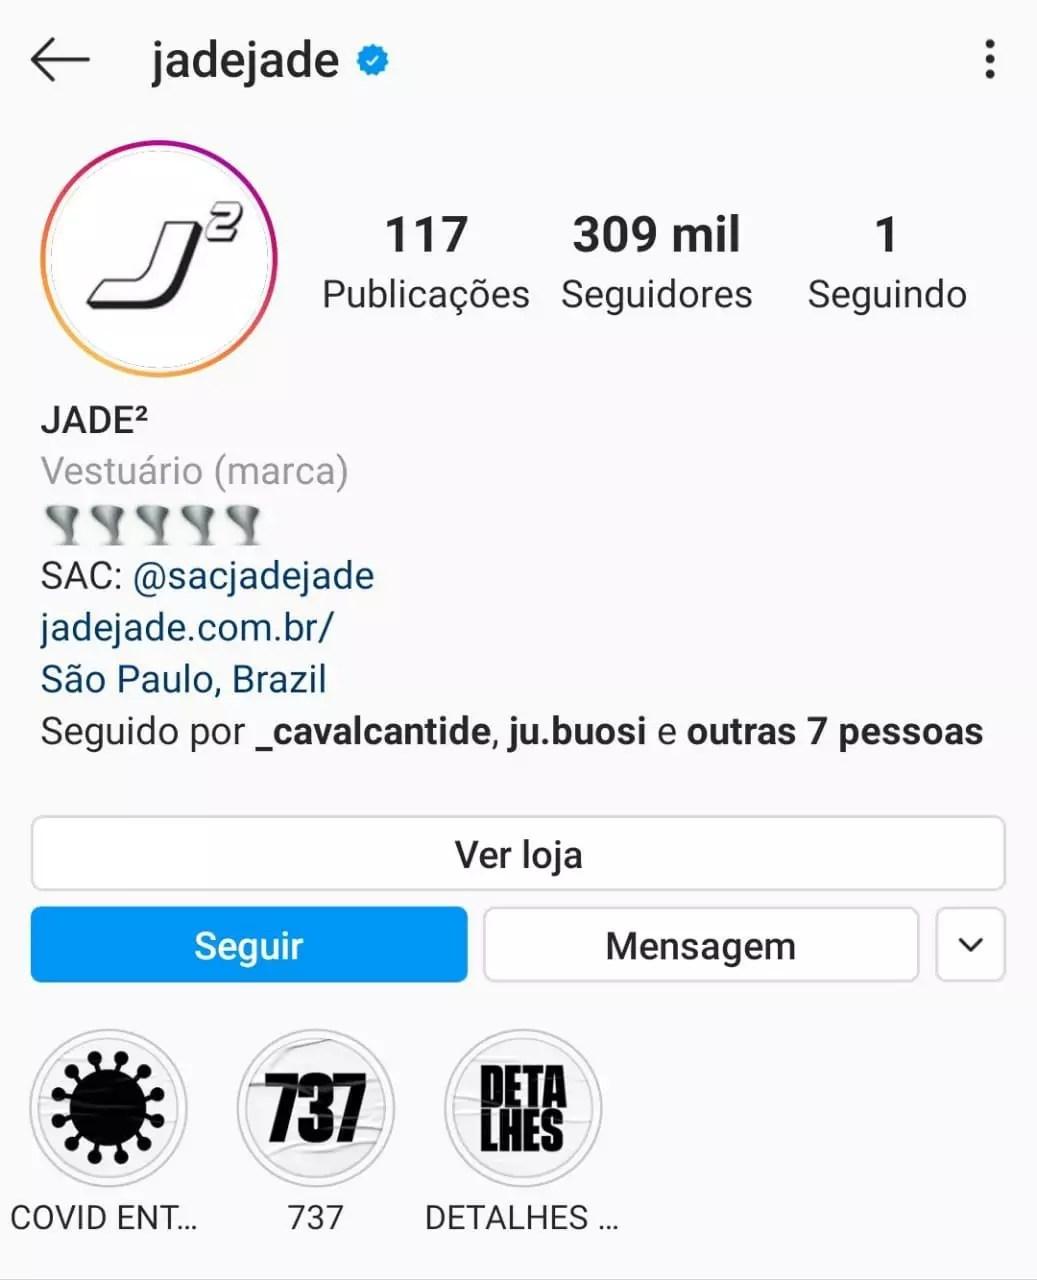 Imagem mostra o perfil no Instagram da página Jade ao quadrado